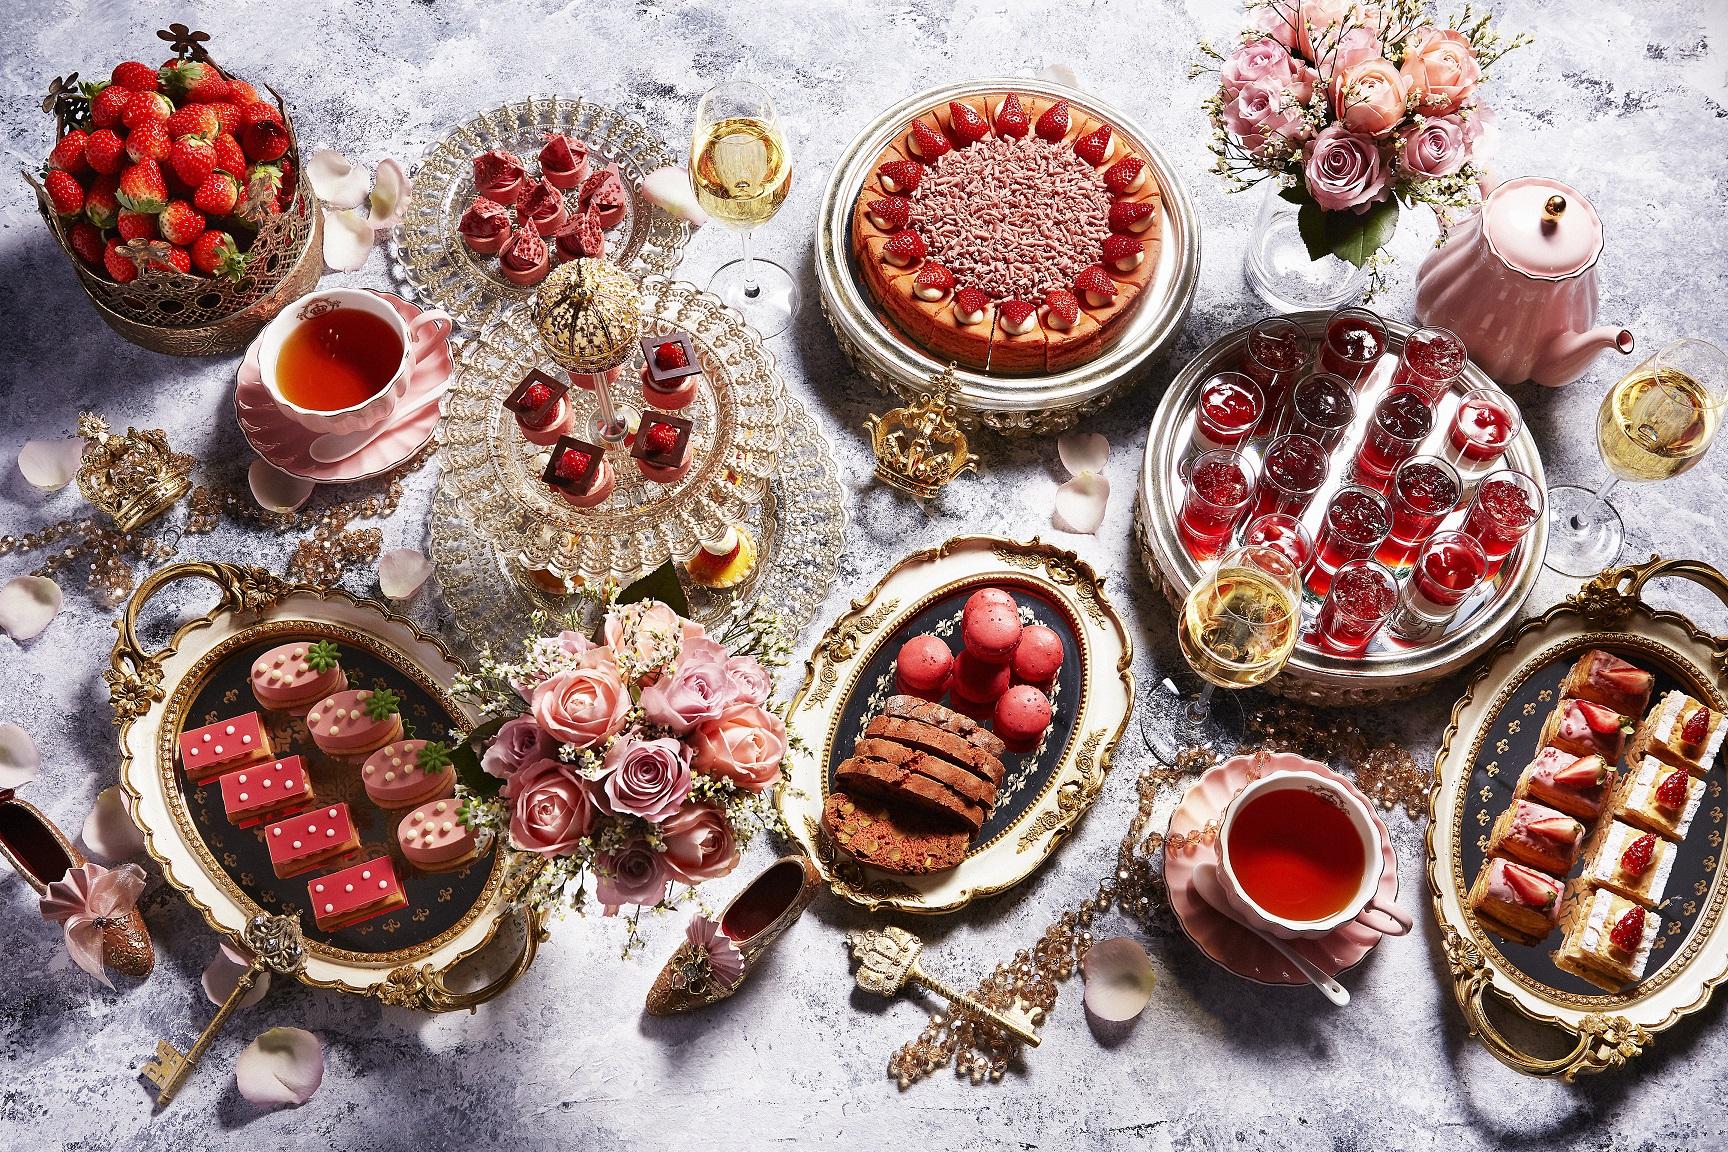 Best Strawberry Buffets in Tokyo2020